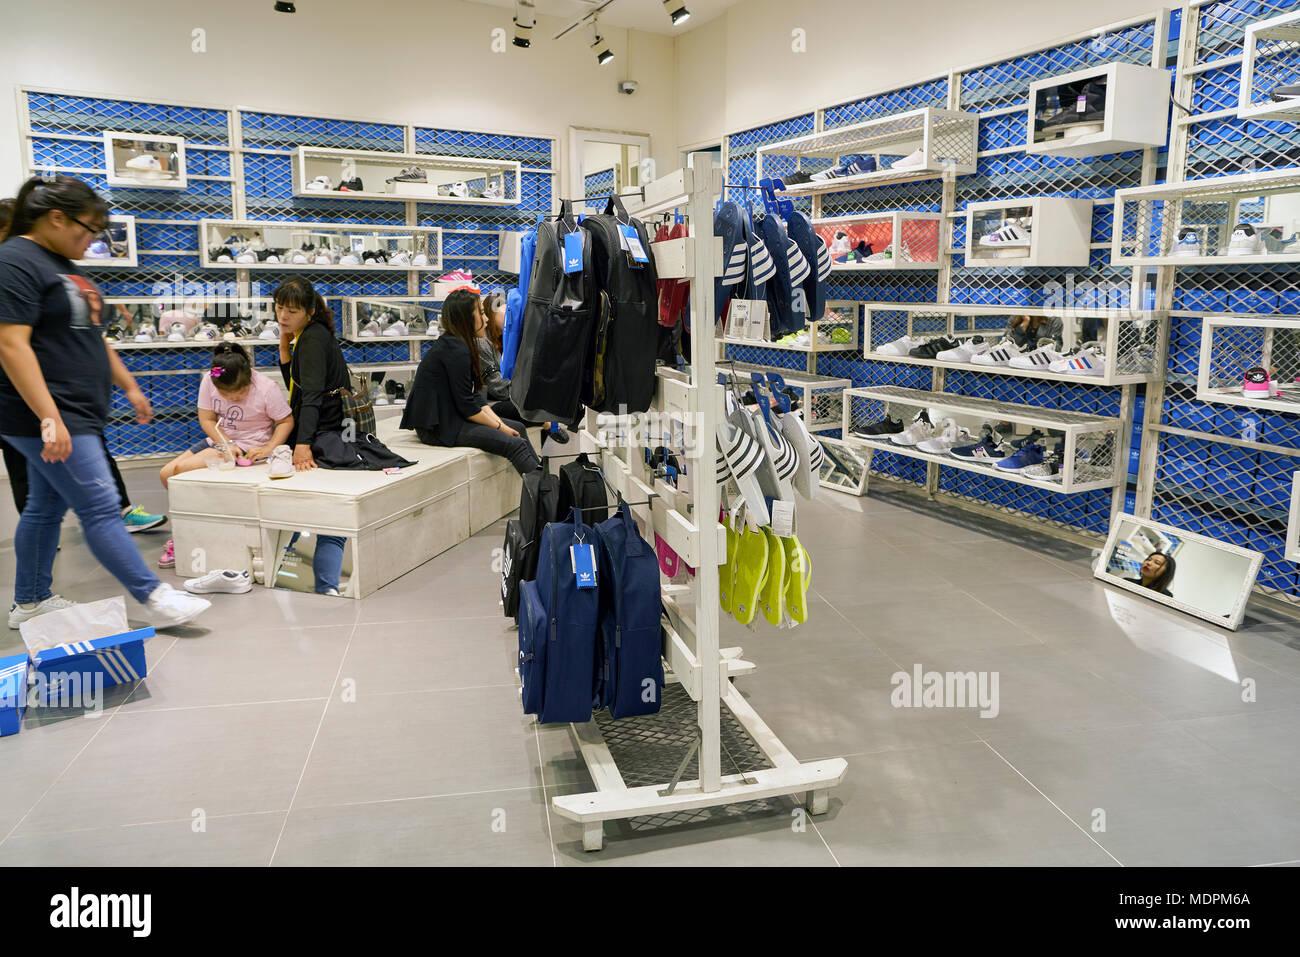 Sentimental Tamano relativo gobierno  BUSAN, COREA DEL SUR - CIRCA mayo, 2017: dentro de la tienda adidas en los  grandes almacenes Lotte en Busan Fotografía de stock - Alamy